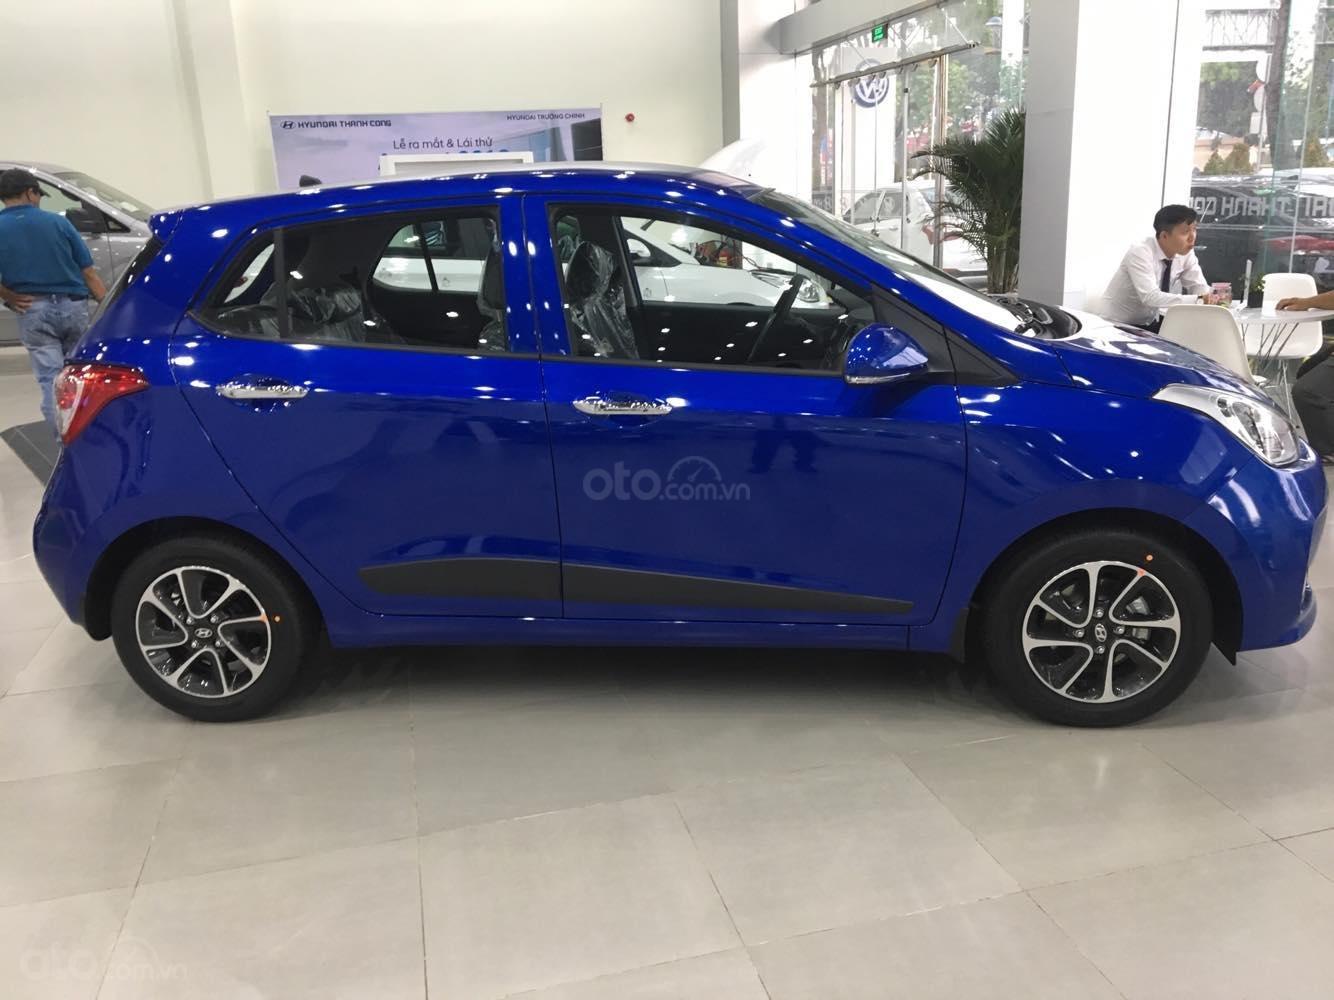 Hyundai I10 2019 khuyến mãi khủng TM, tặng nhiều PK, xe đủ màu giao ngay-1